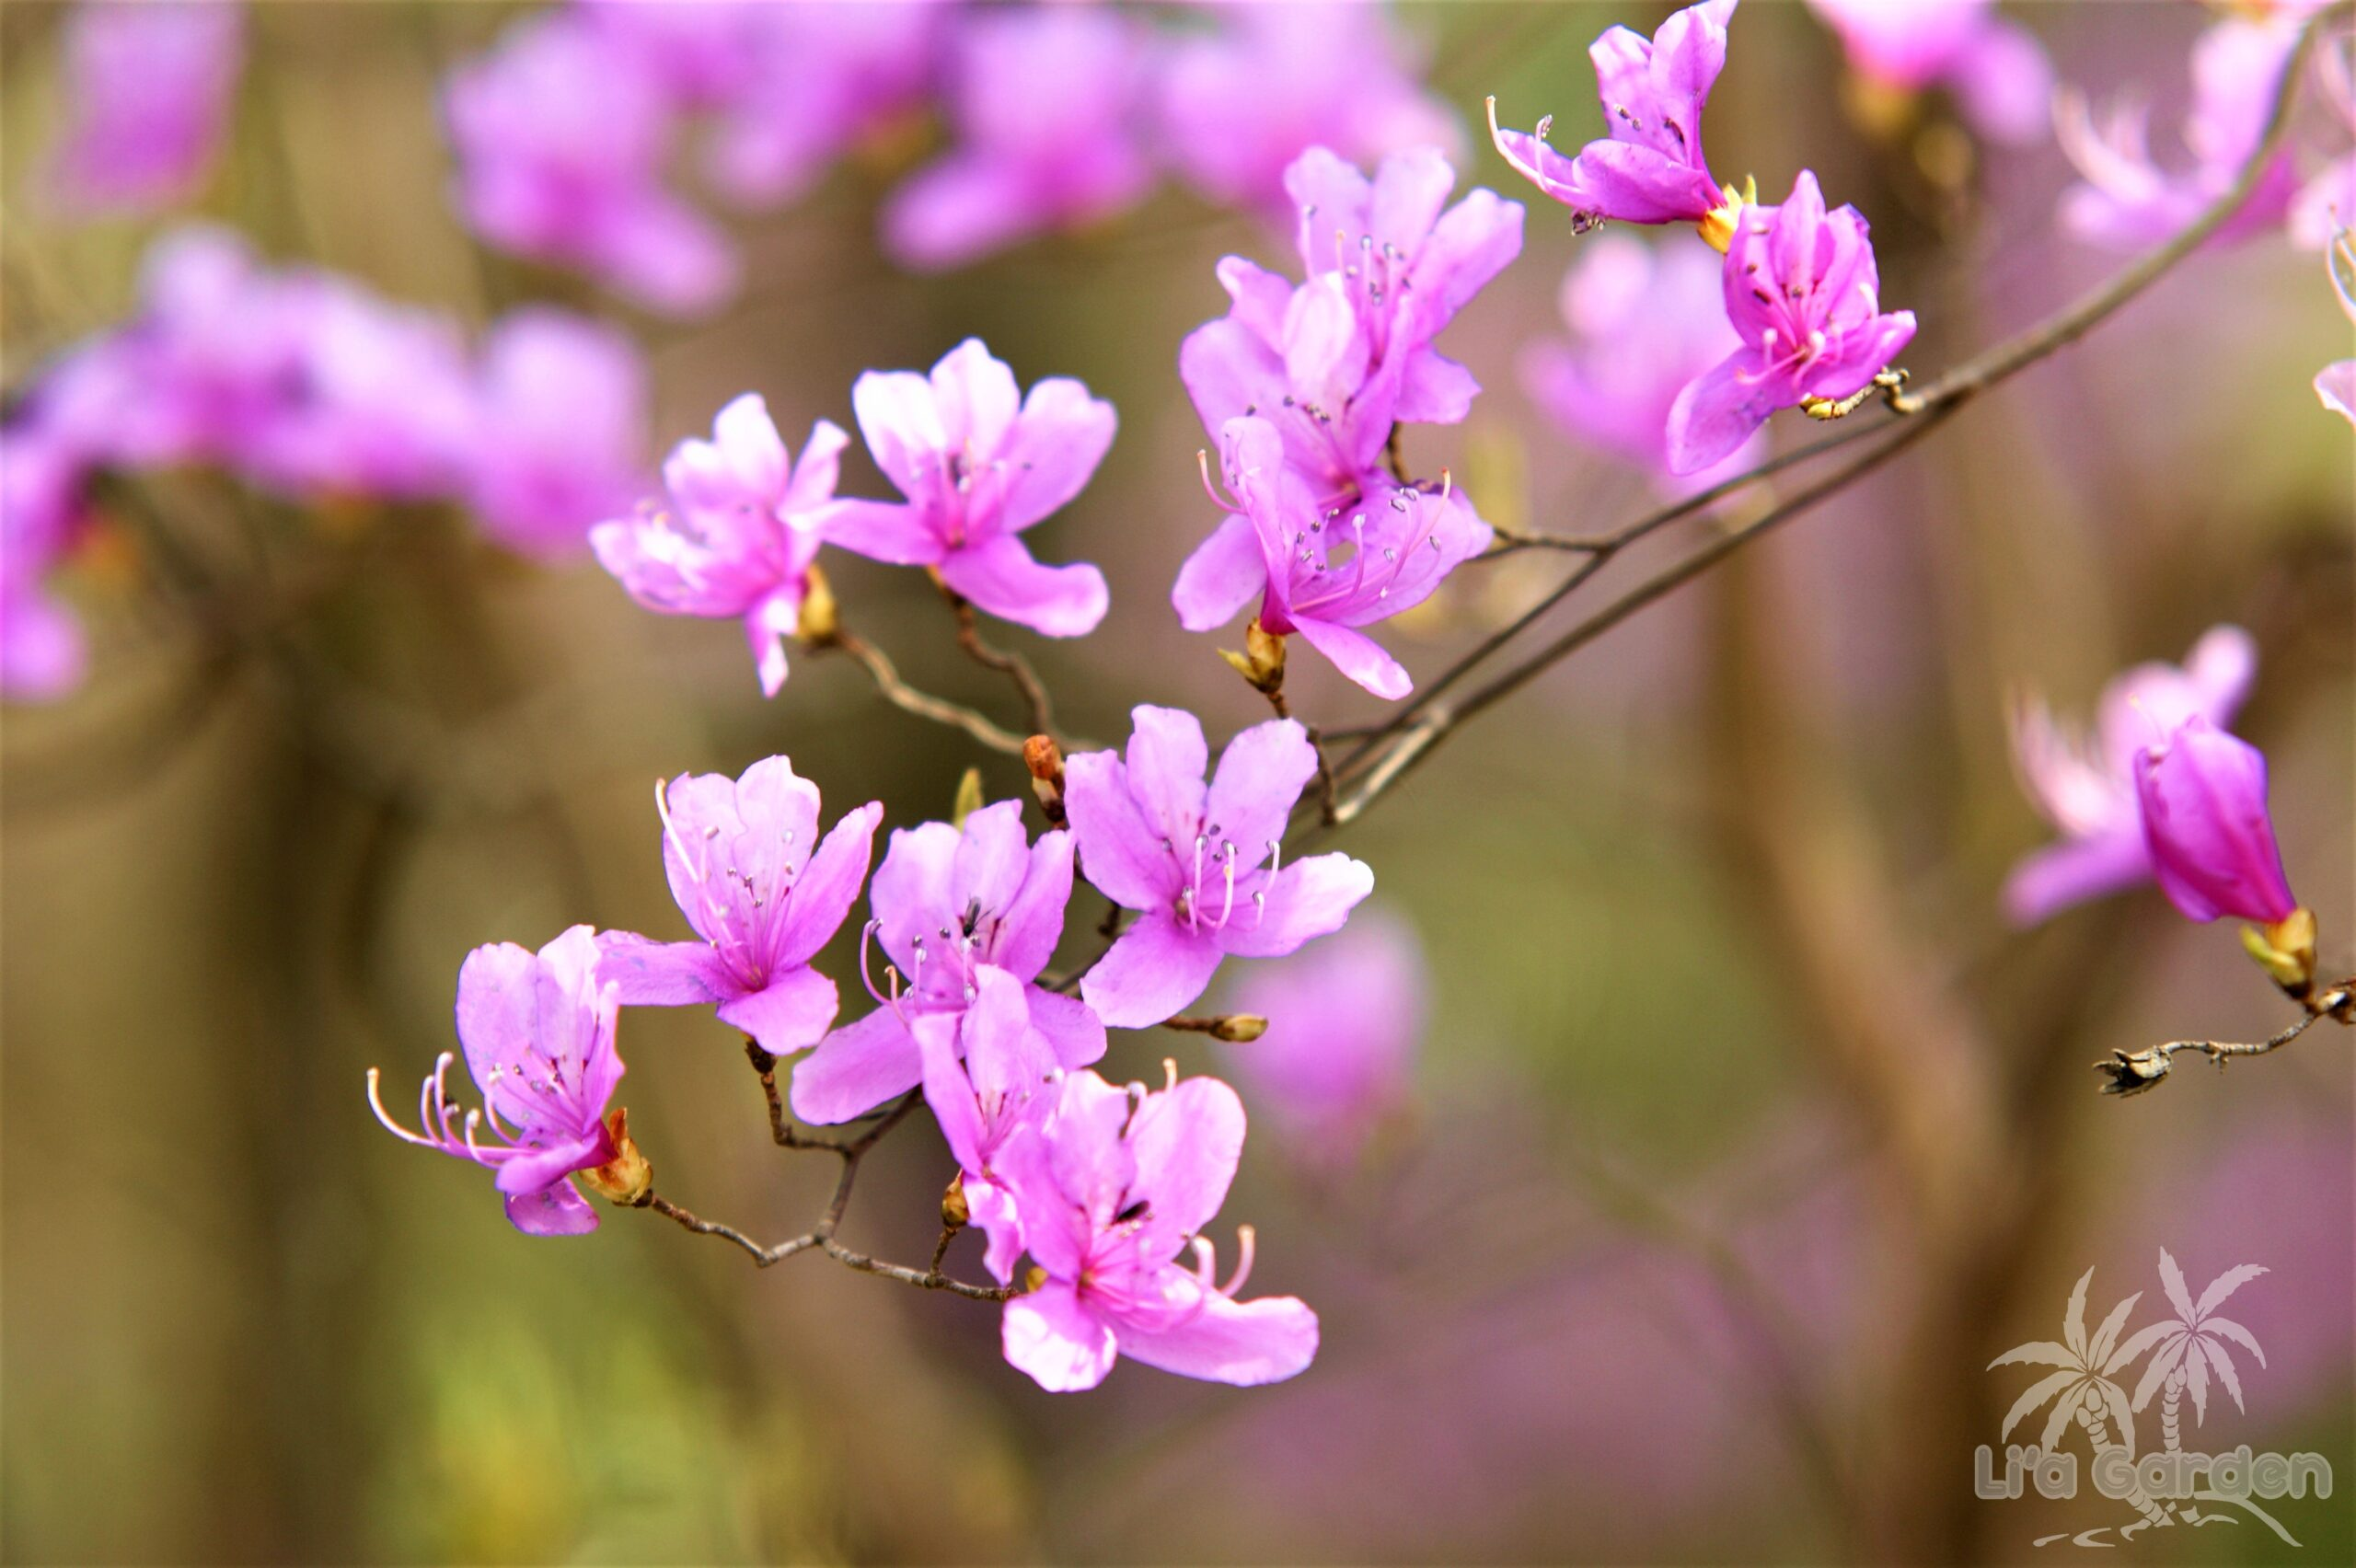 【中木】 ミツバツツジ Rhododendron dilatatum 〈落葉広葉樹〉